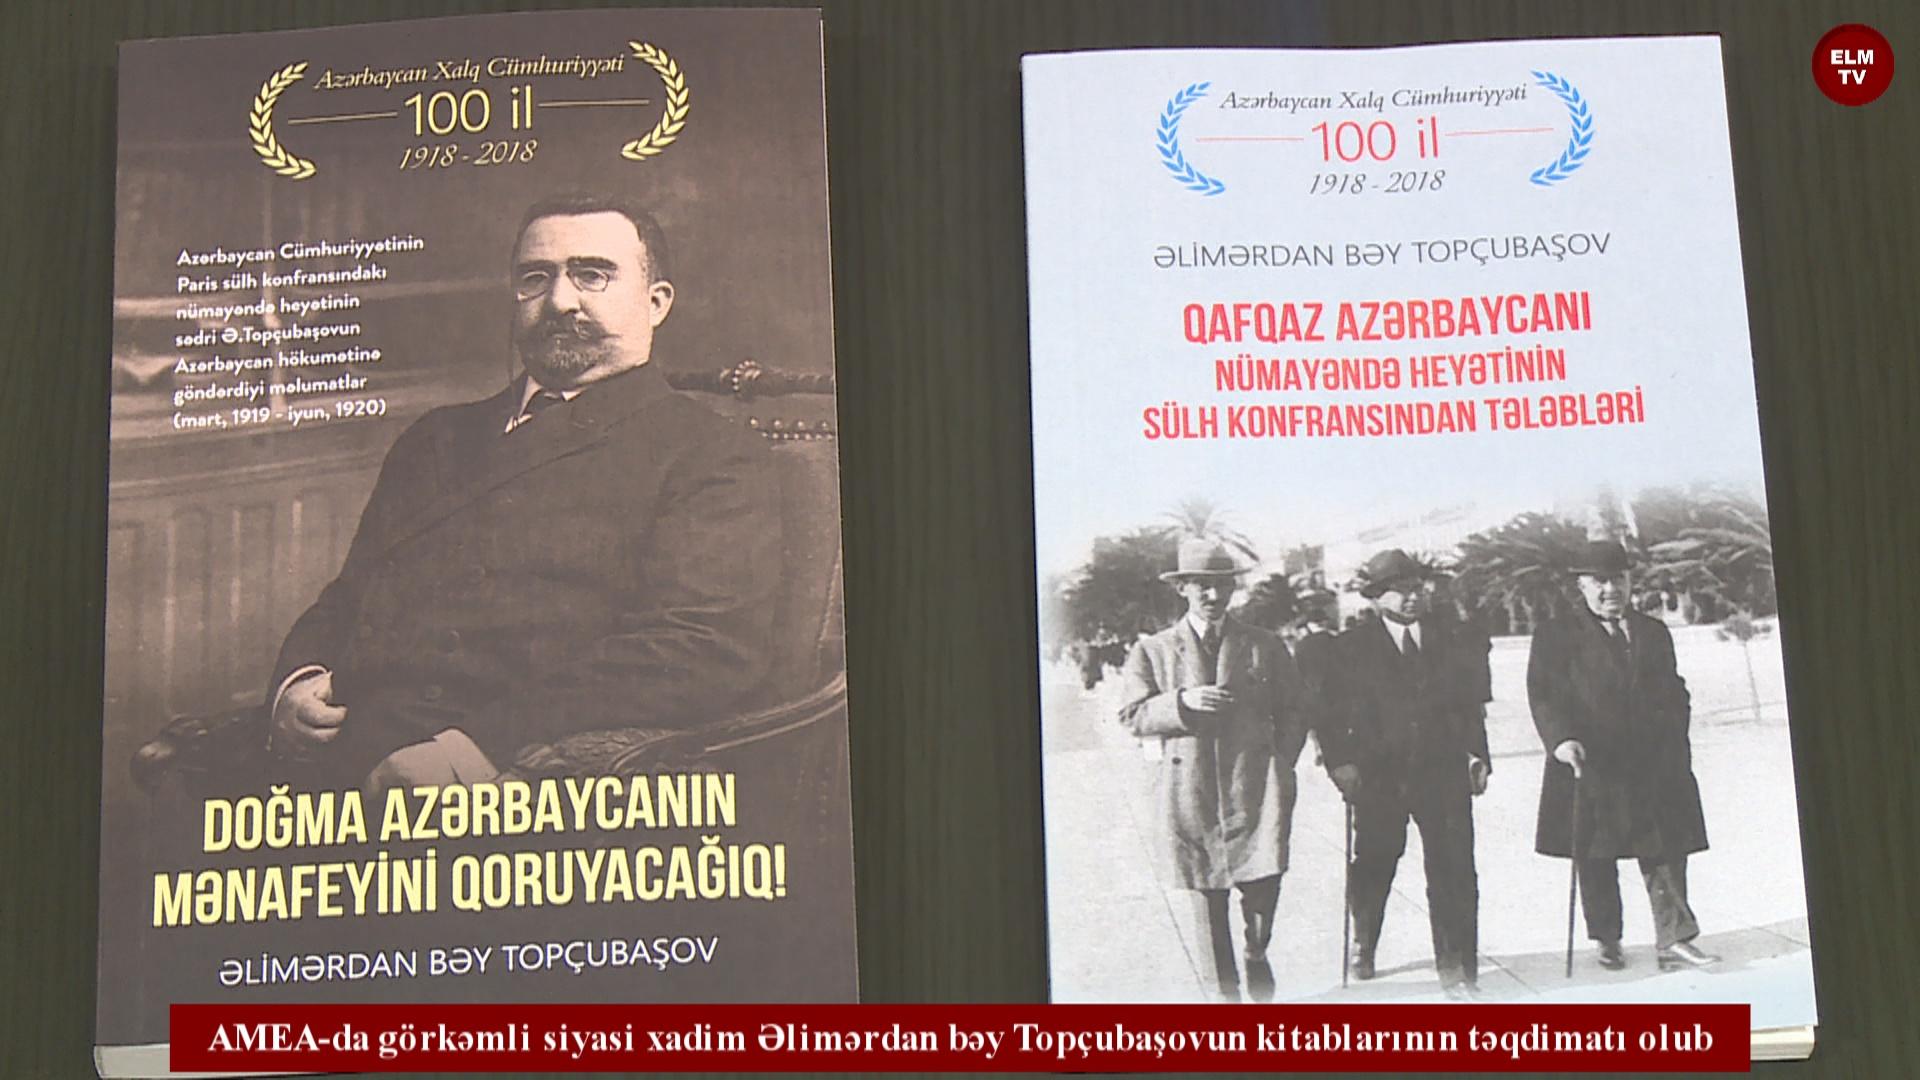 AMEA-da görkəmli siyasi xadim Əlimərdan bəy Topçubaşovun kitablarının təqdimatı olub